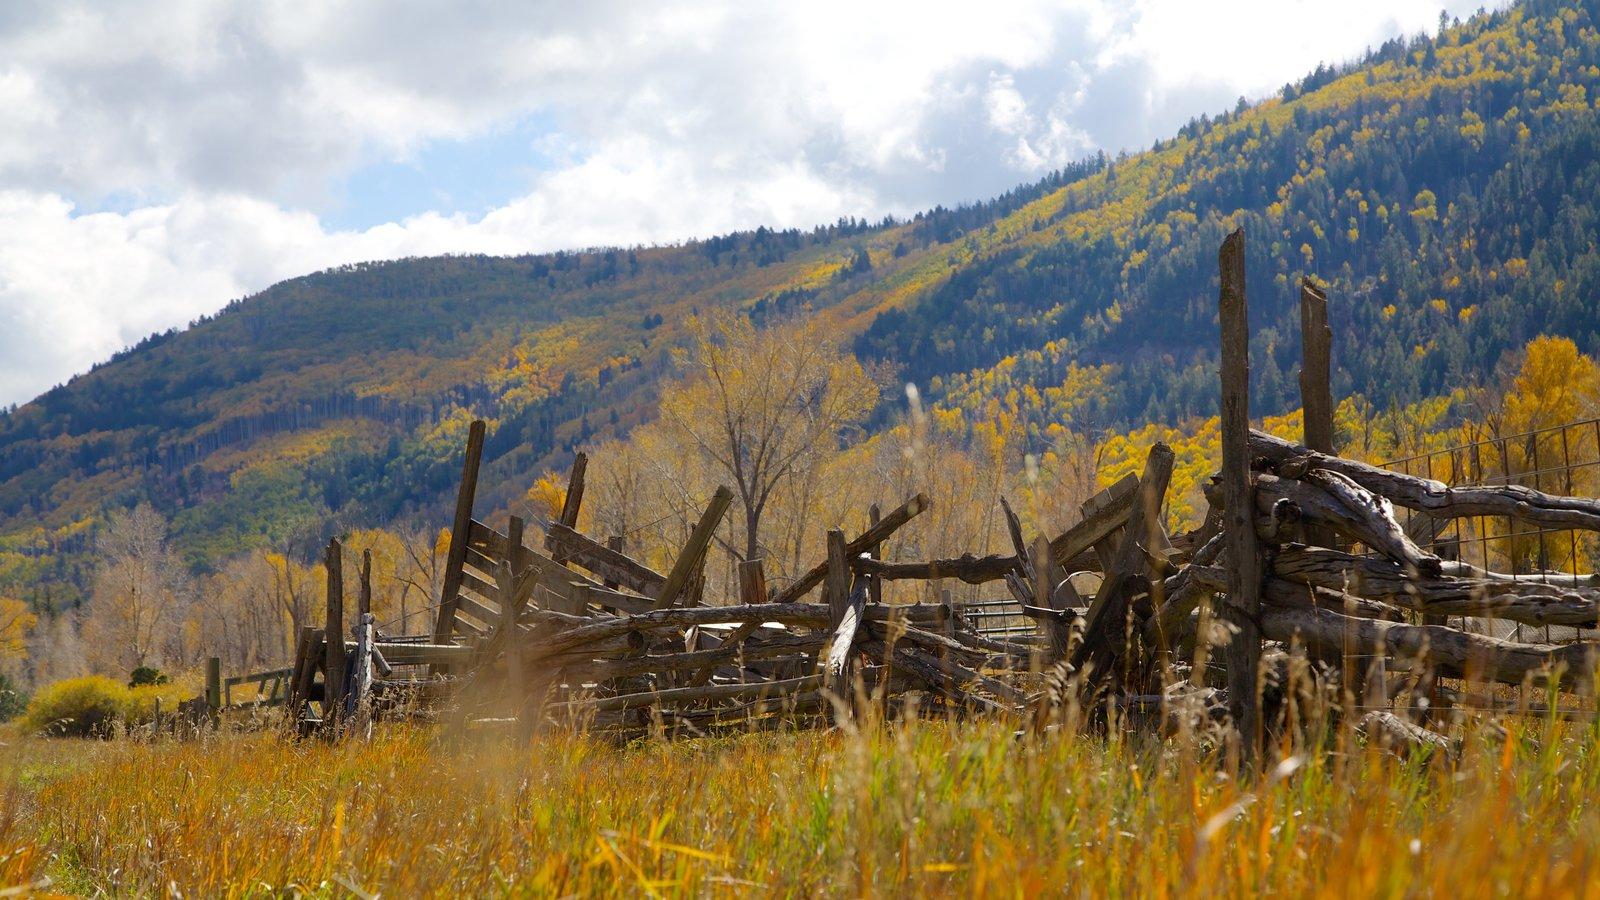 Purgatory - Durango que inclui montanhas e paisagem